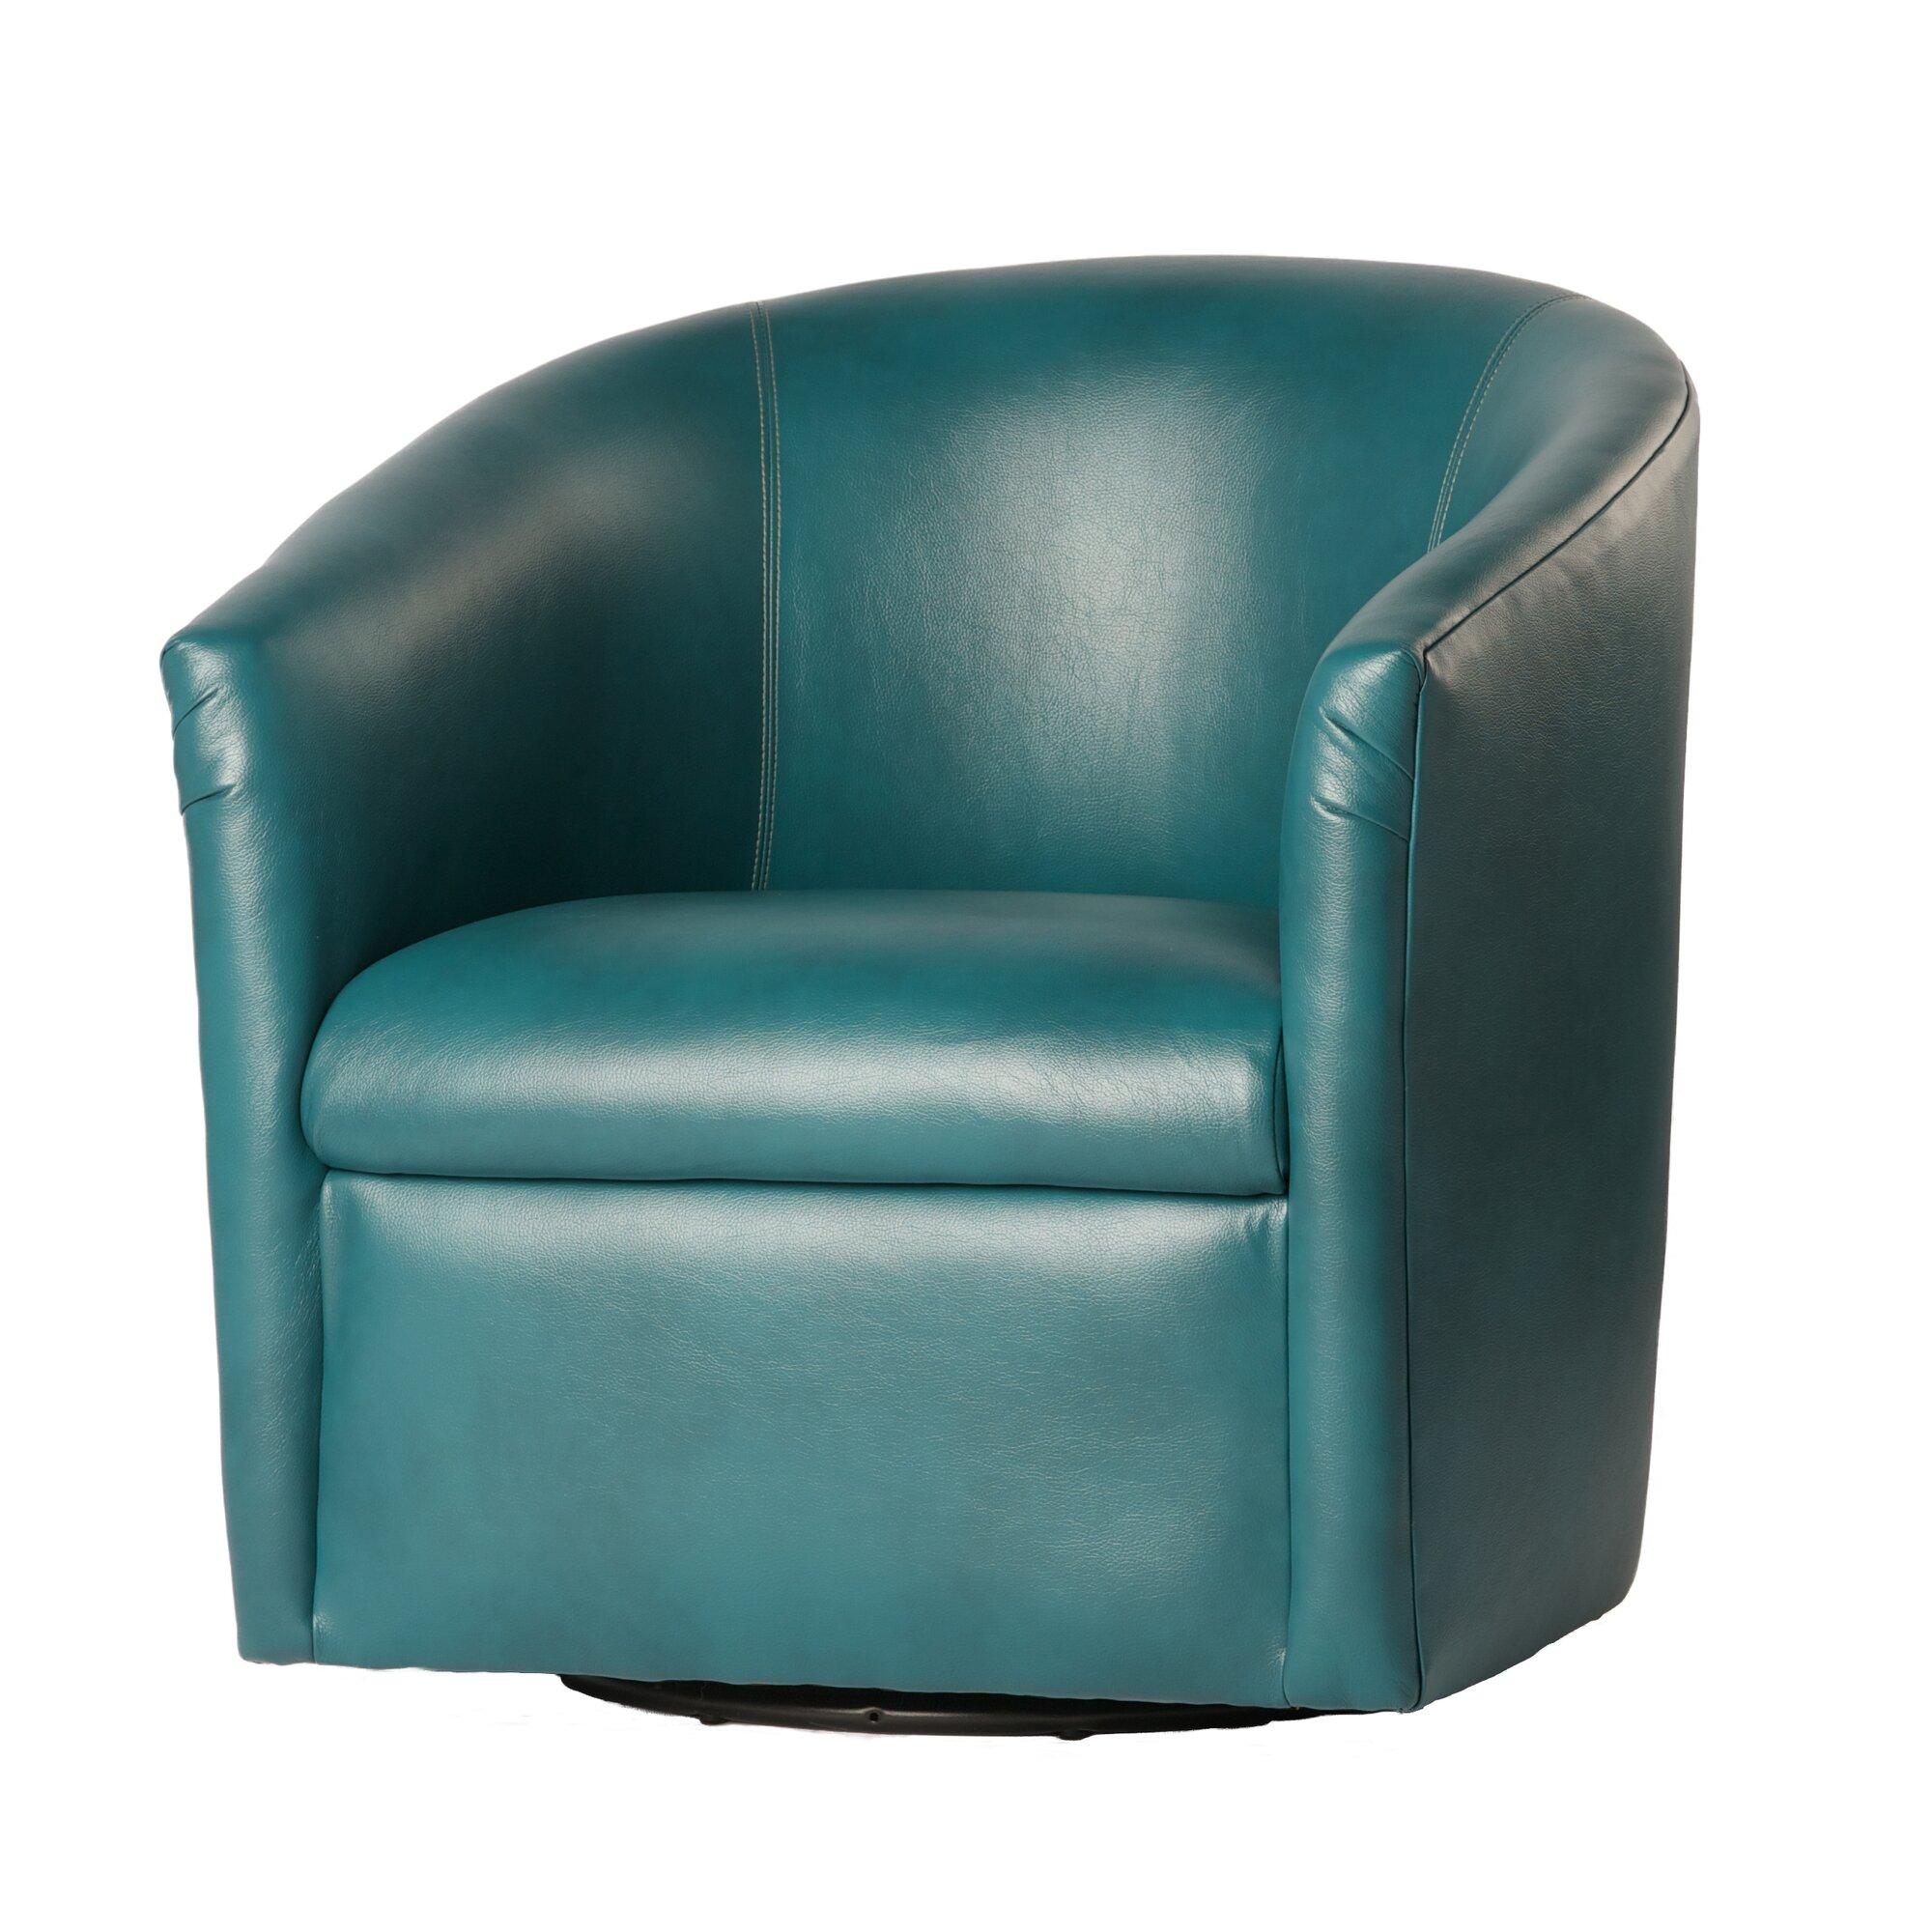 Extra Round Swivel Chair Round Designs